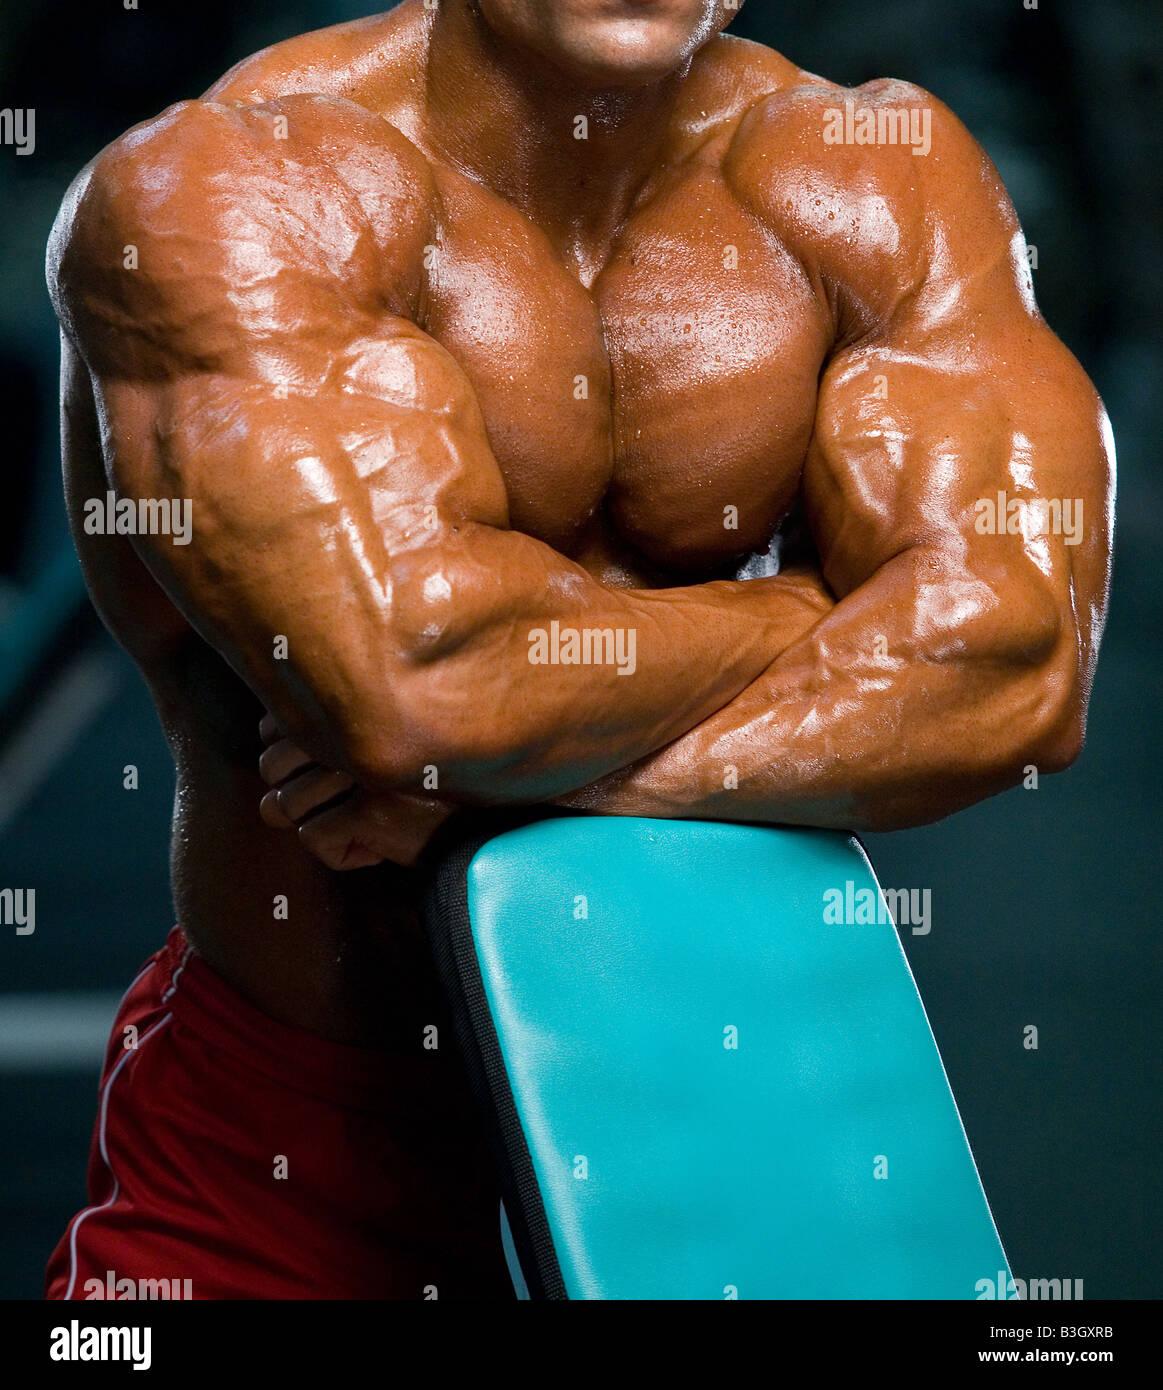 Muscular Arm Stock Photos Muscular Arm Stock Images Alamy